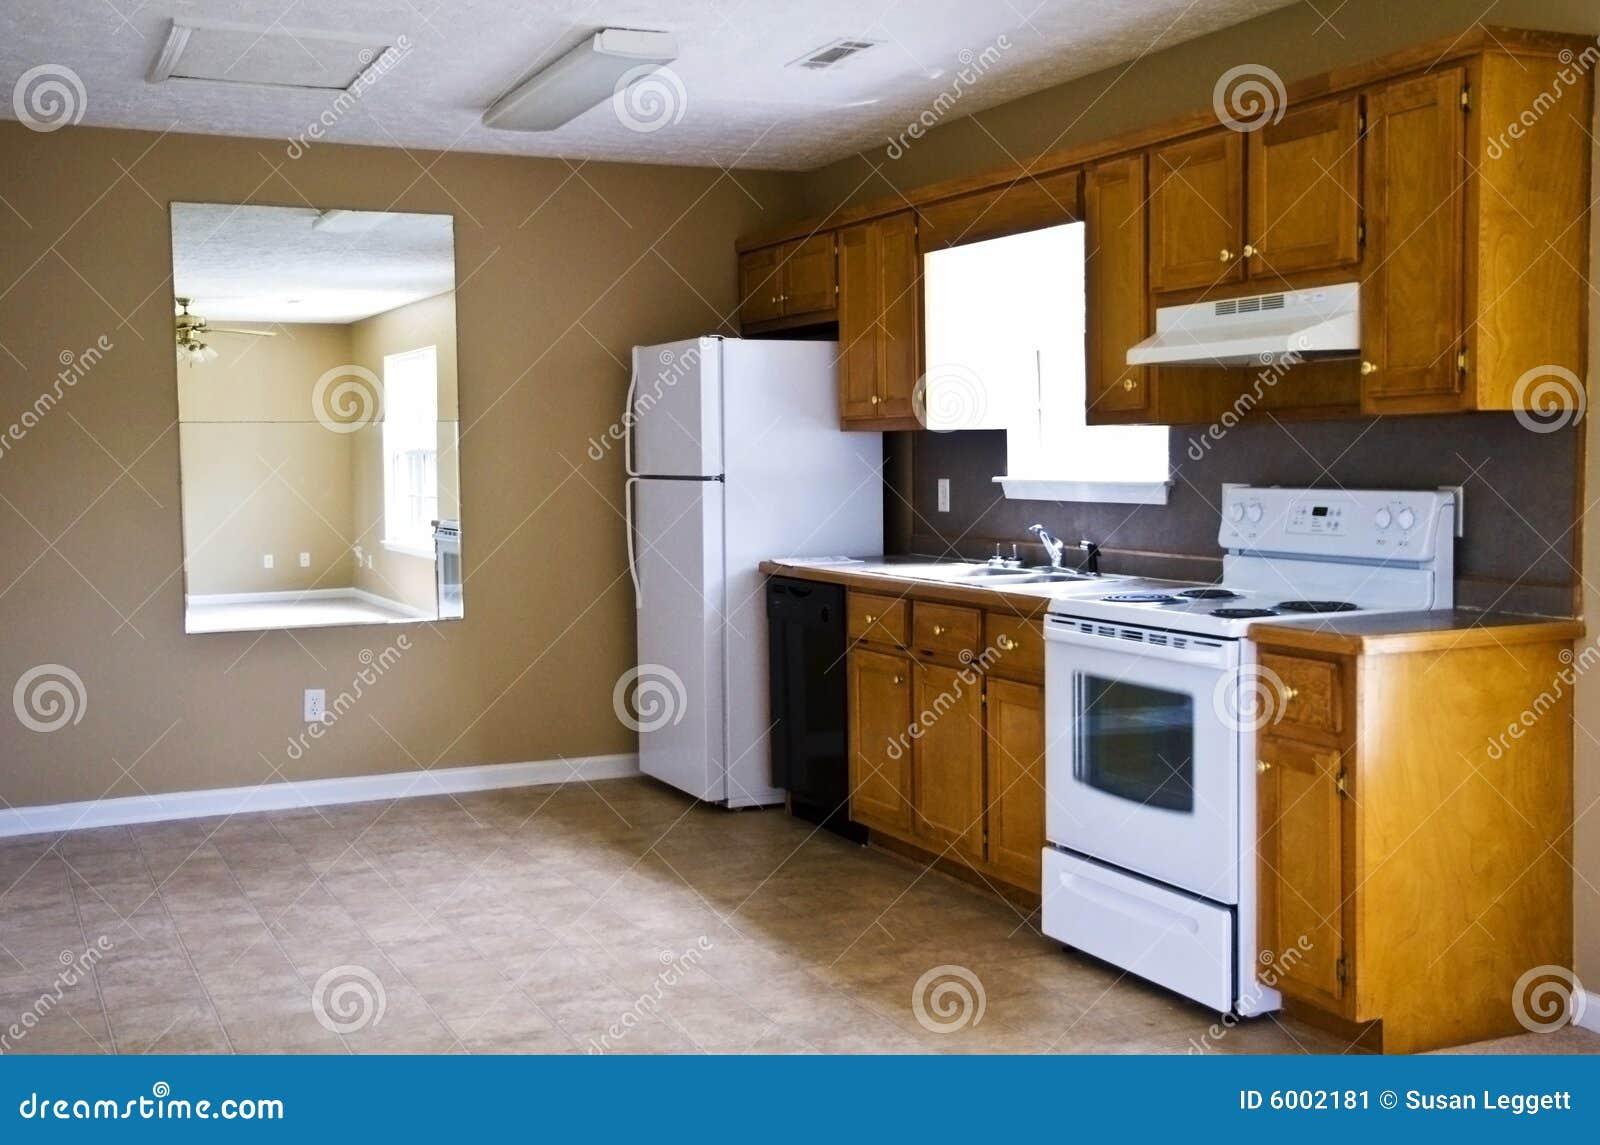 Compact Keuken/Plattelandshuisje